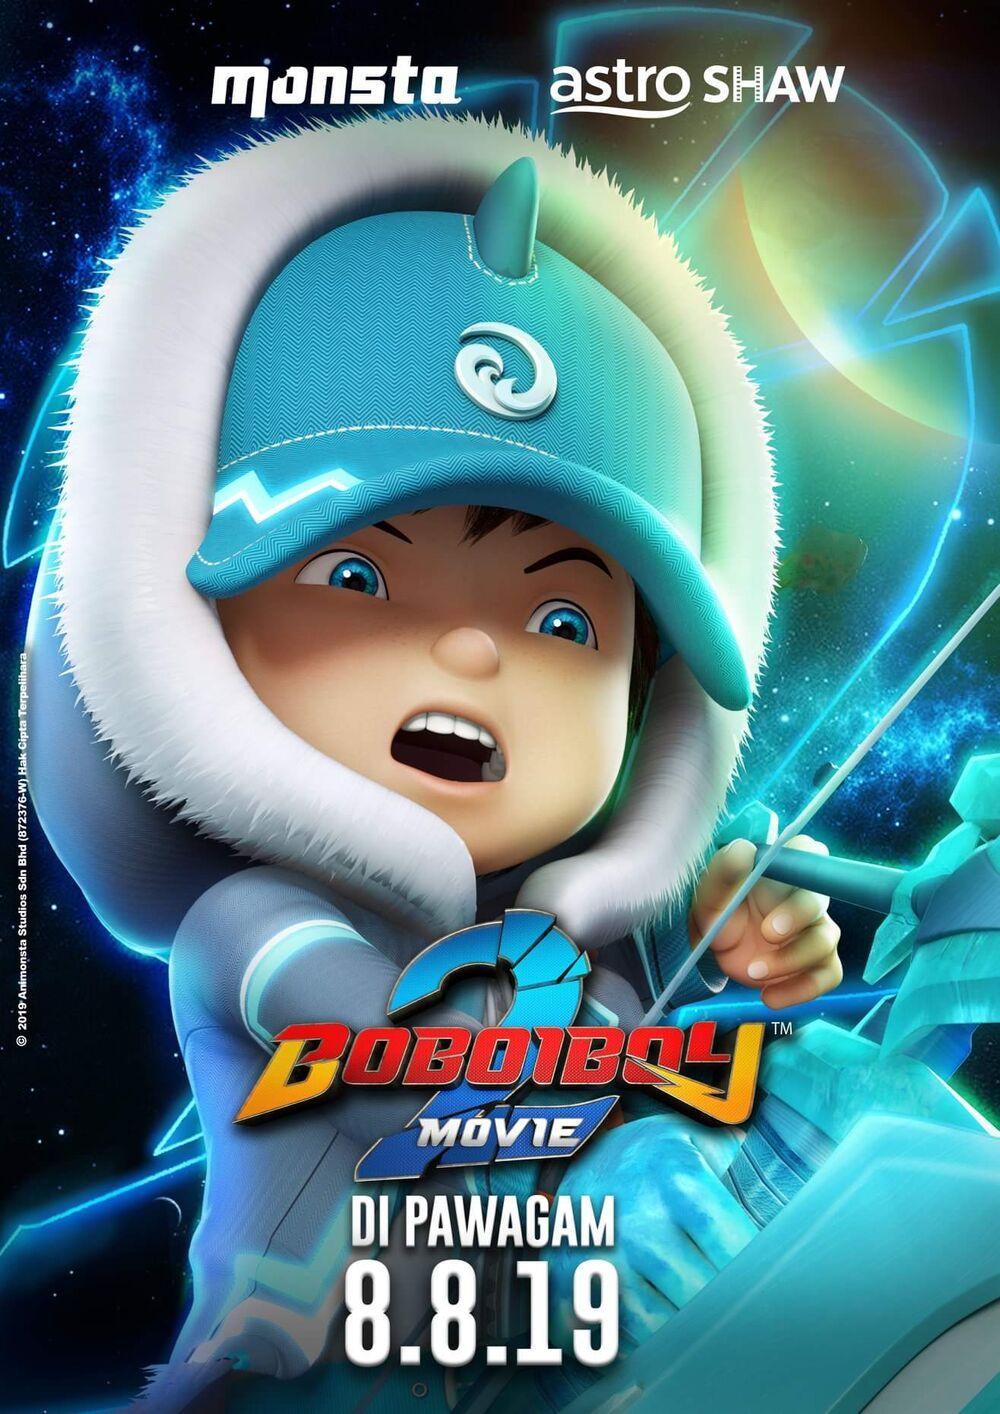 Boboiboy Movie 2 Boboiboy Wiki Fandom Boboiboy Anime Boboiboy Galaxy Cute Galaxy Wallpaper